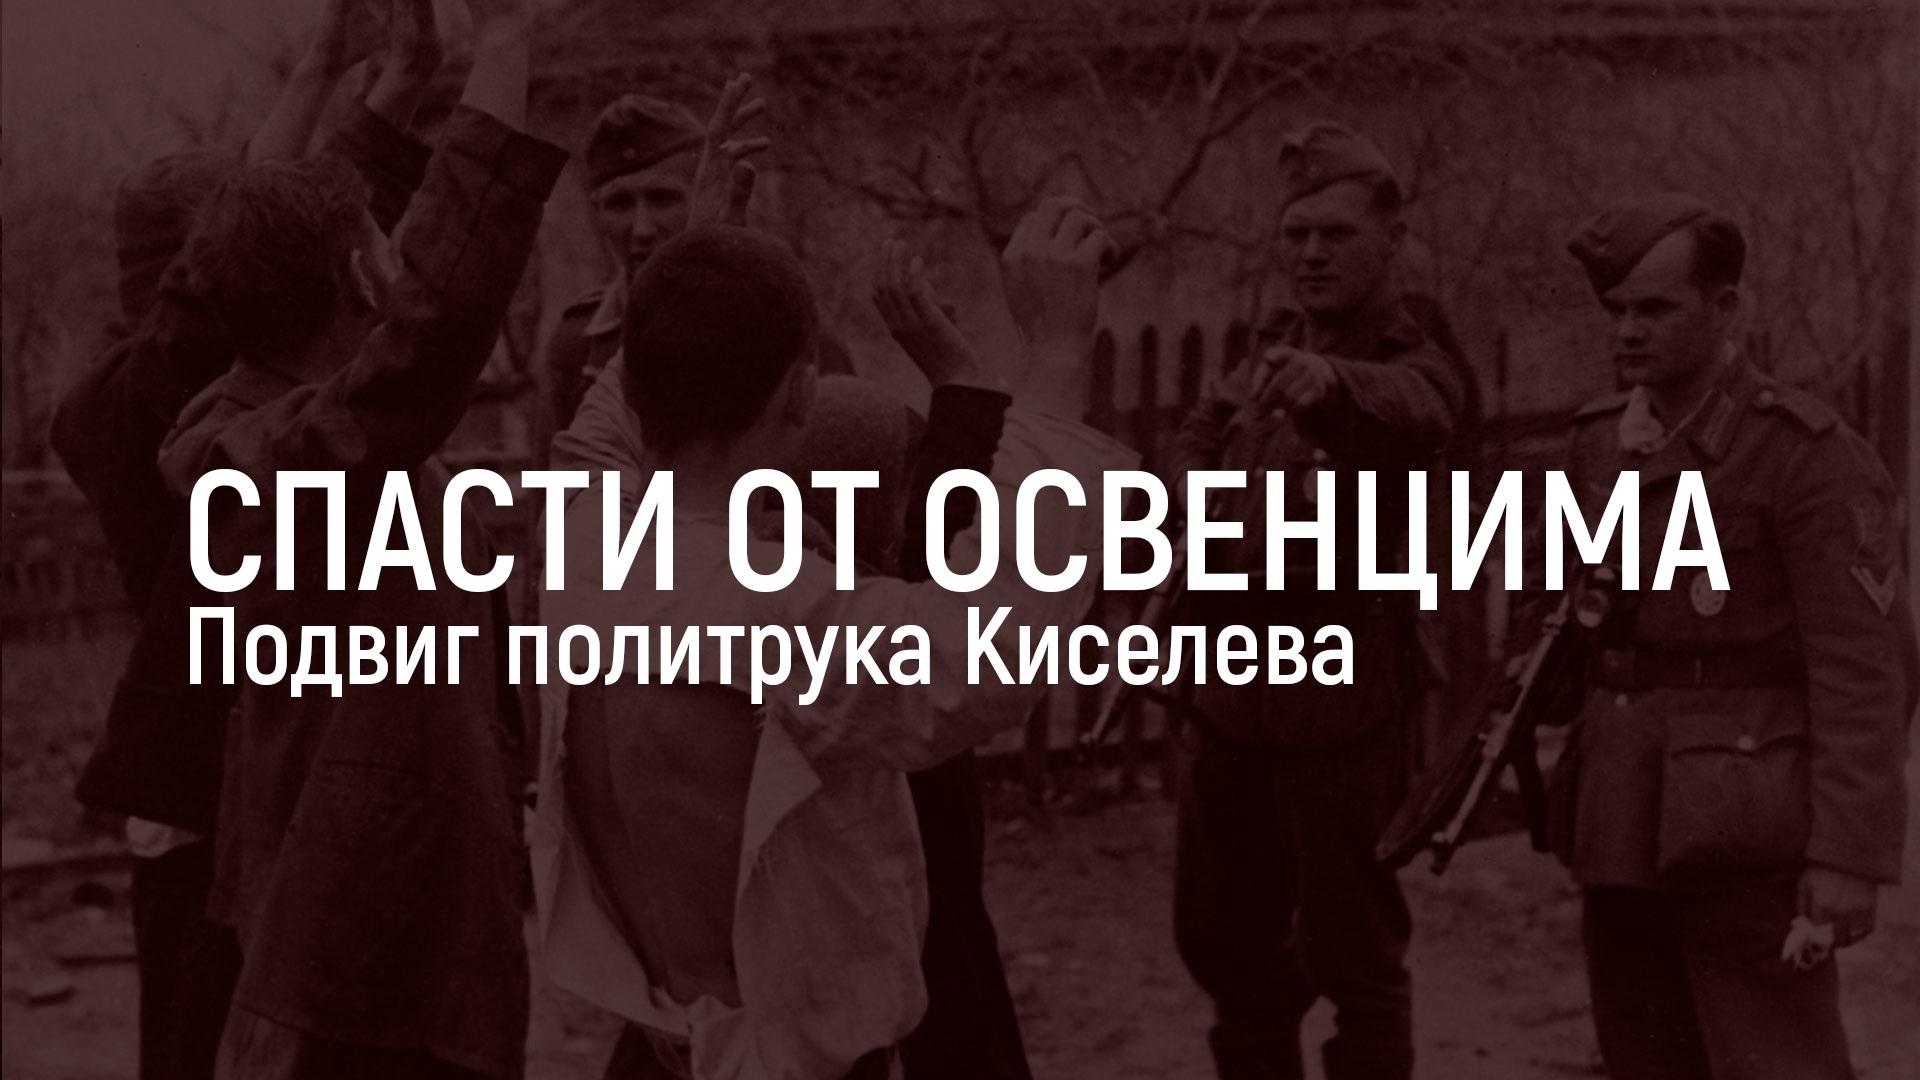 Спасти от Освенцима. Подвиг политрука Киселева